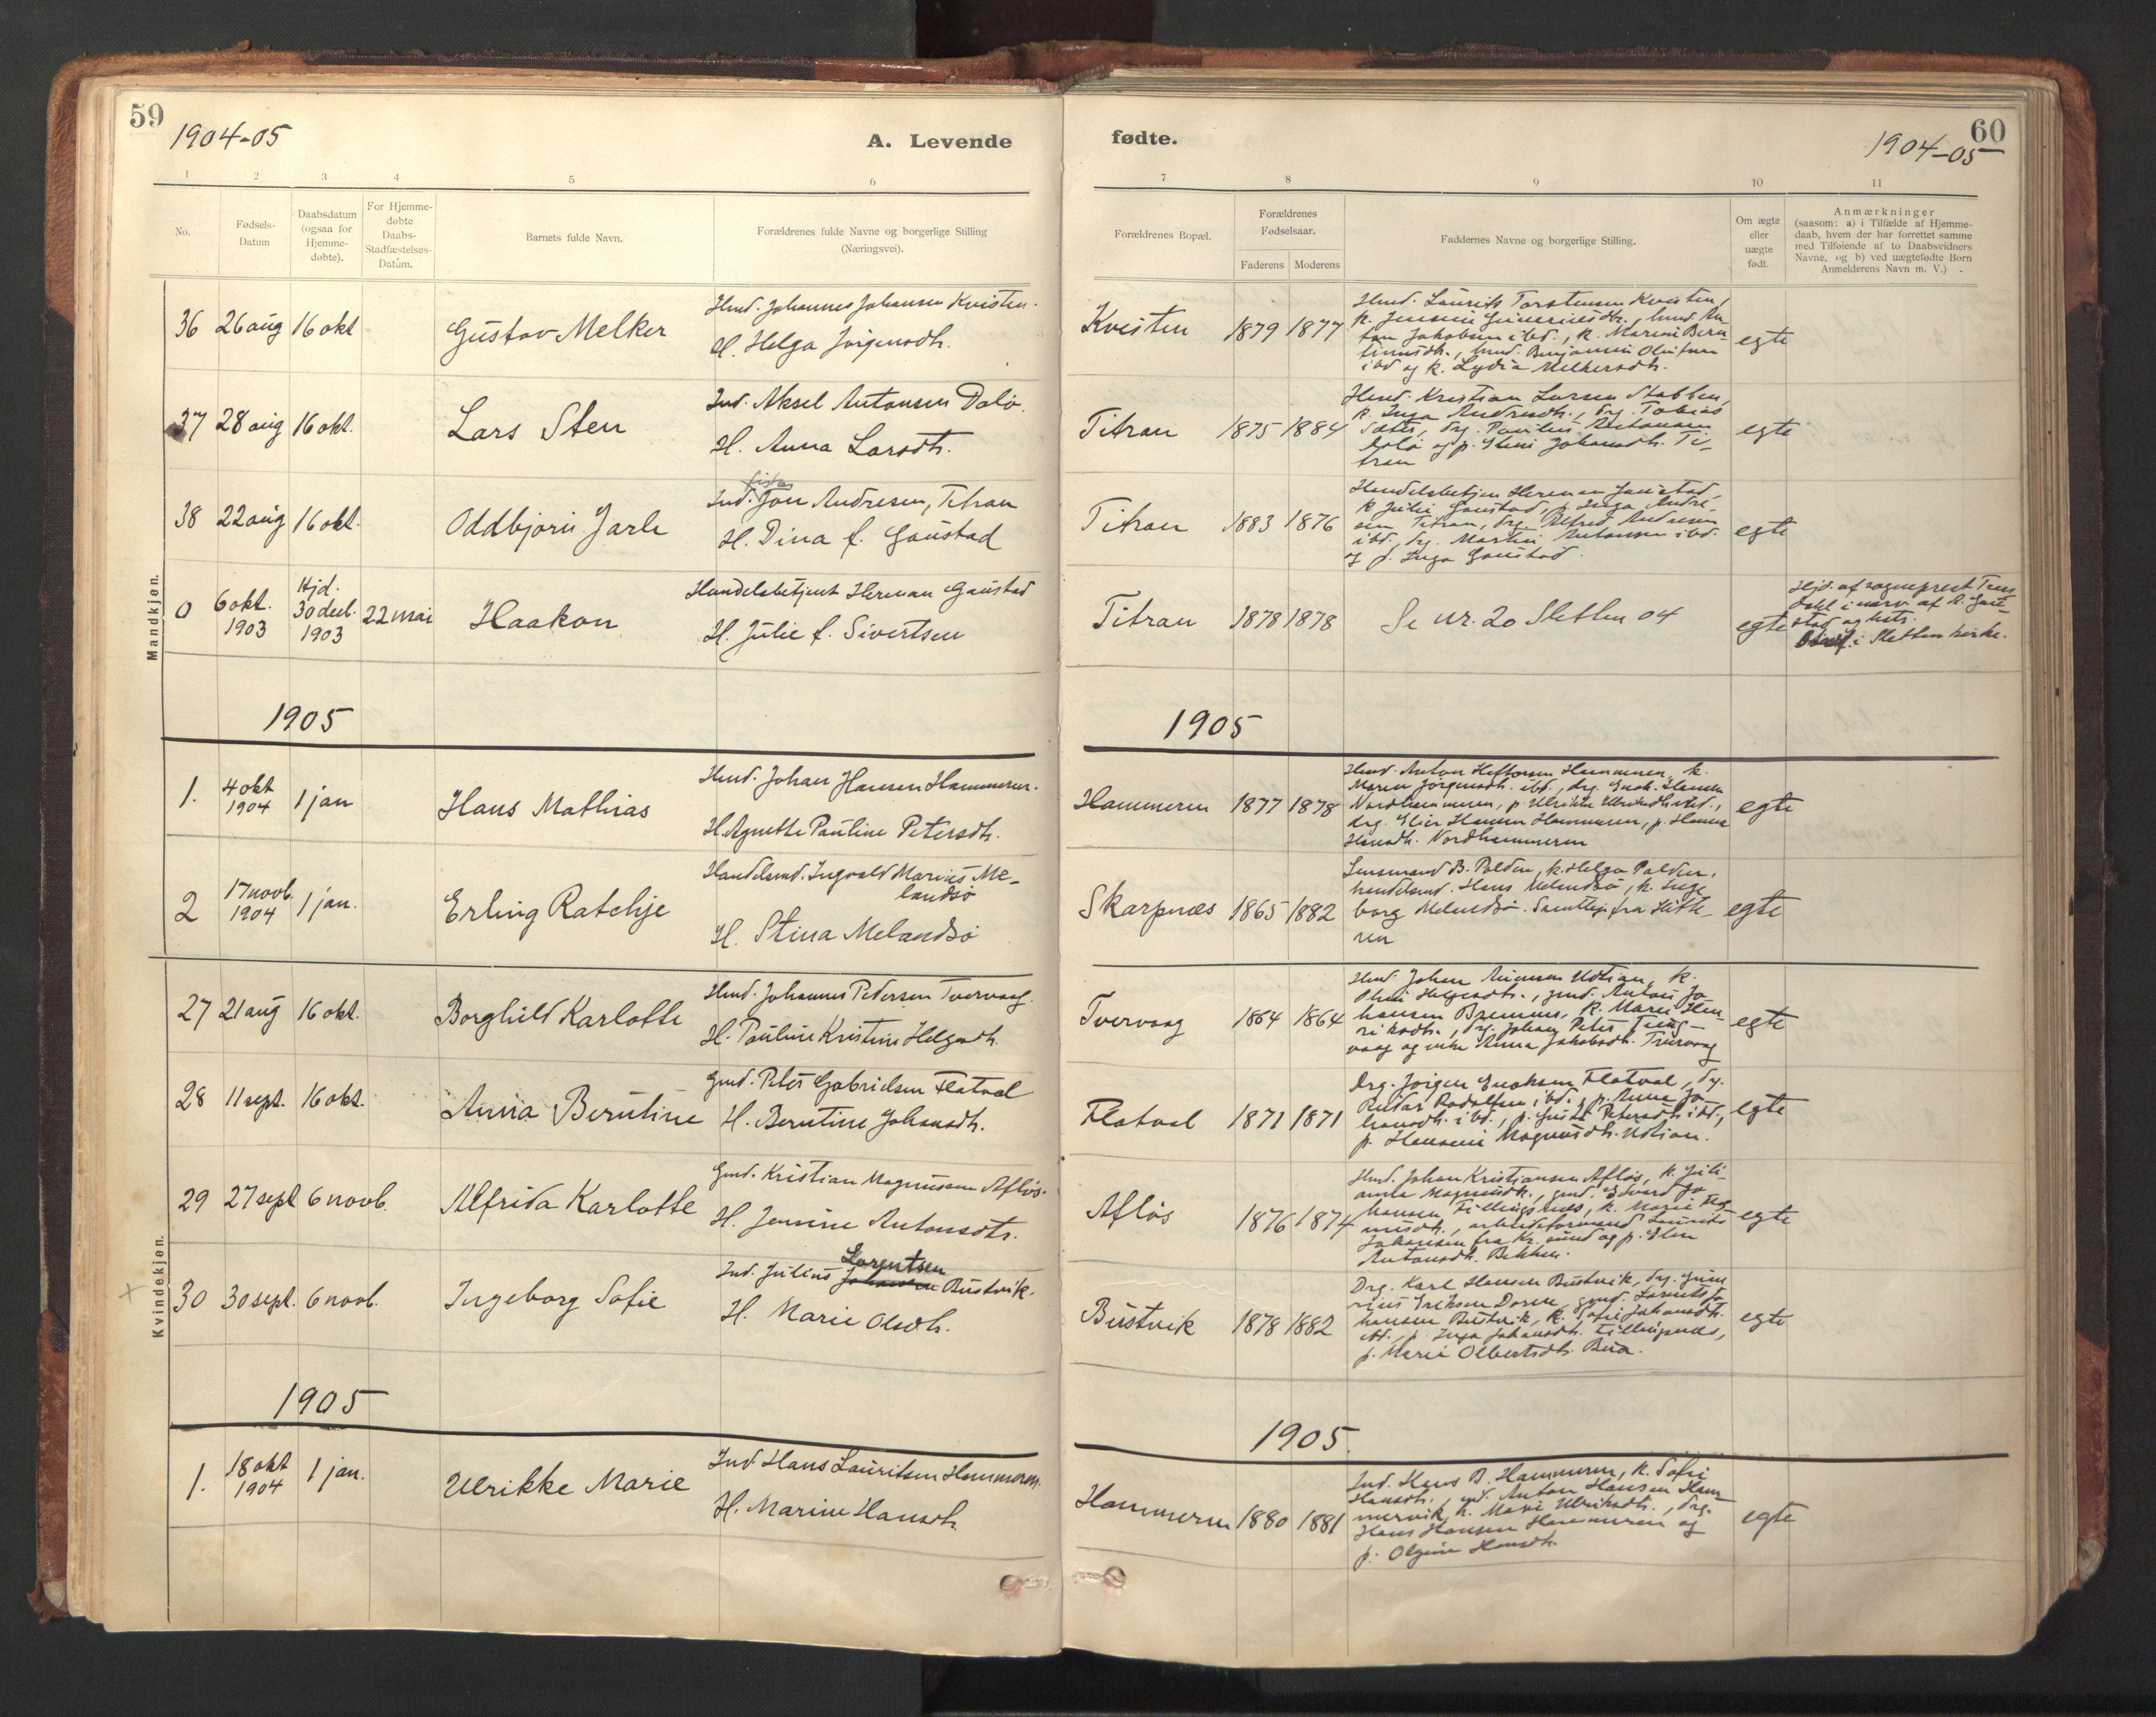 SAT, Ministerialprotokoller, klokkerbøker og fødselsregistre - Sør-Trøndelag, 641/L0596: Ministerialbok nr. 641A02, 1898-1915, s. 59-60